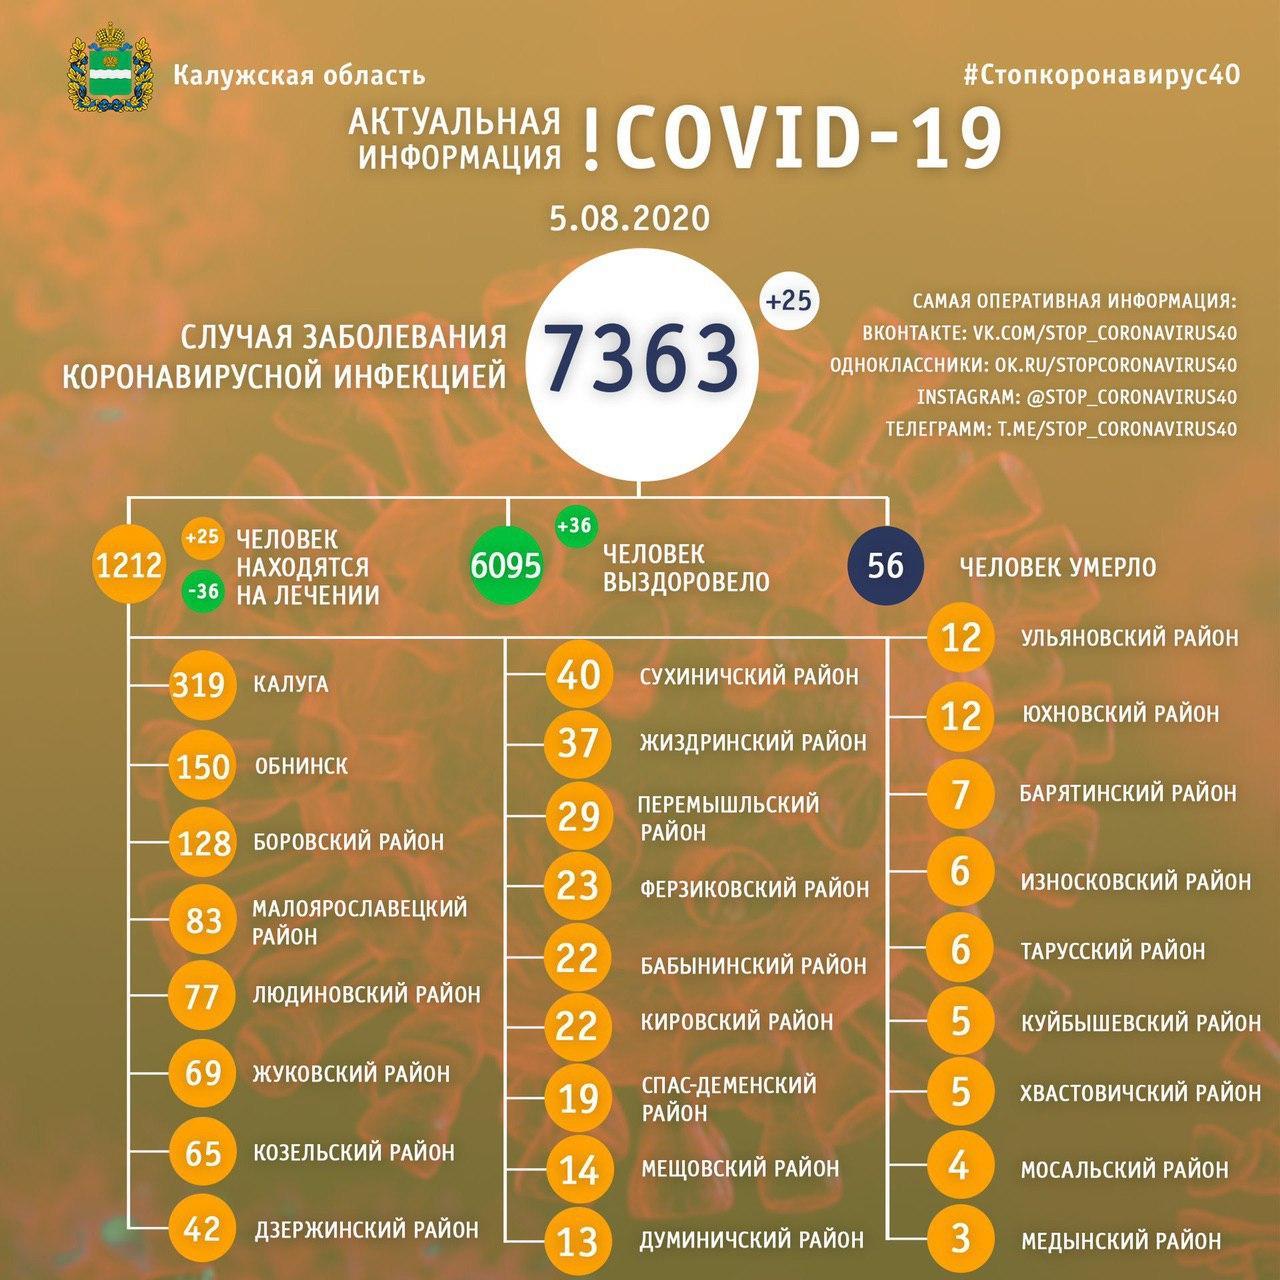 Коронавирус в Калужской области официальные данные 5 августа 2020 года